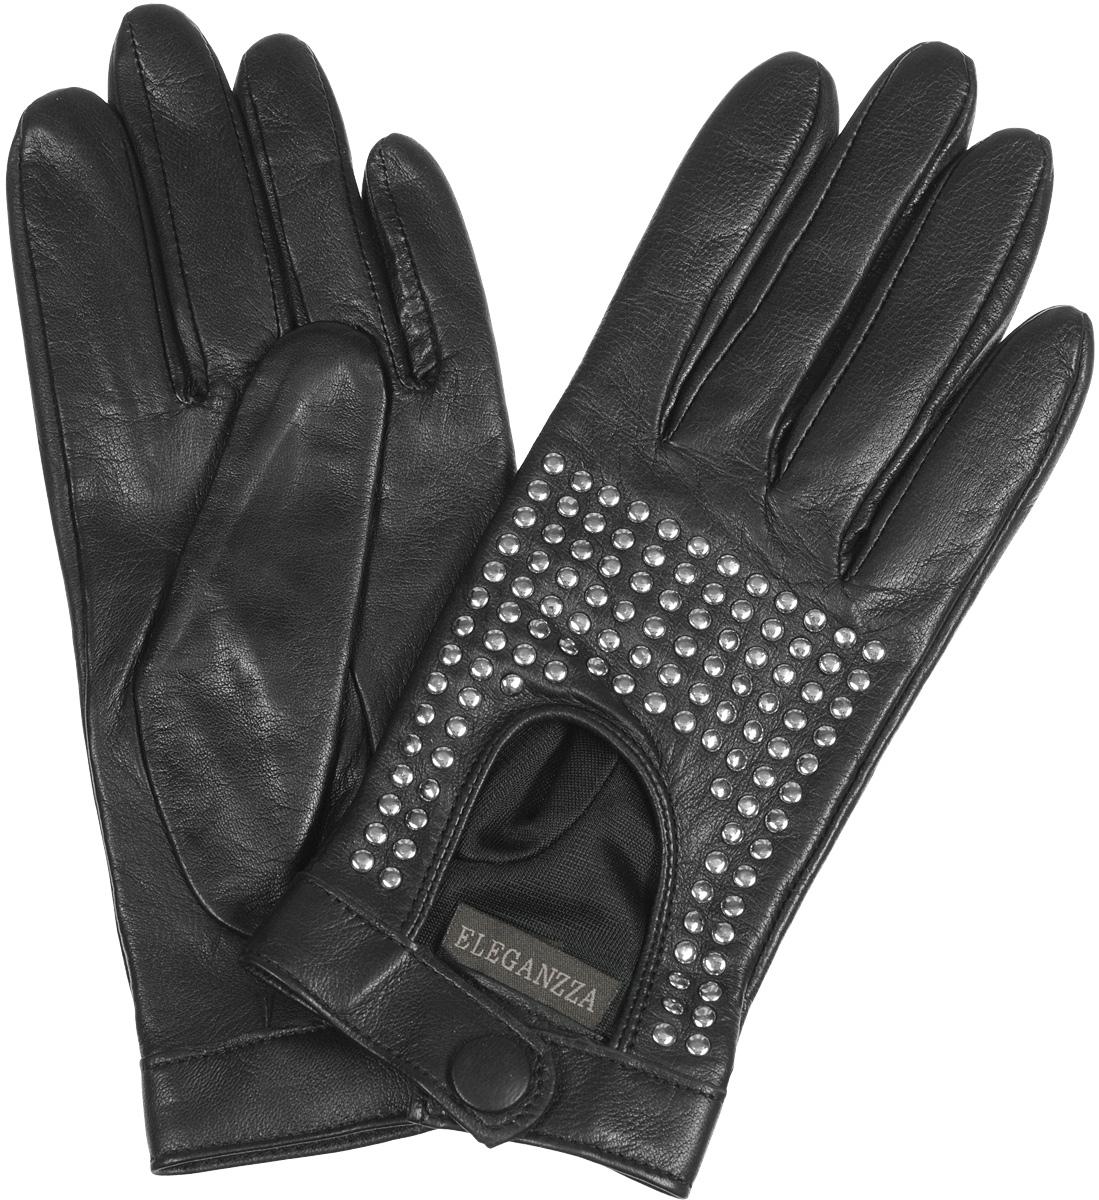 IS02752Стильные женские перчатки Eleganzza не только защитят ваши руки от холода, но и станут великолепным украшением. Перчатки выполнены из чрезвычайно мягкой и приятной на ощупь натуральной кожи. Лицевая сторона перчаток на запястье застегивается хлястиками на кнопку. Оформлены перчатки декоративными клепками. В настоящее время перчатки являются неотъемлемой принадлежностью одежды, вместе с этим аксессуаром вы обретаете женственность и элегантность. Перчатки станут завершающим и подчеркивающим элементом вашего стиля и неповторимости.